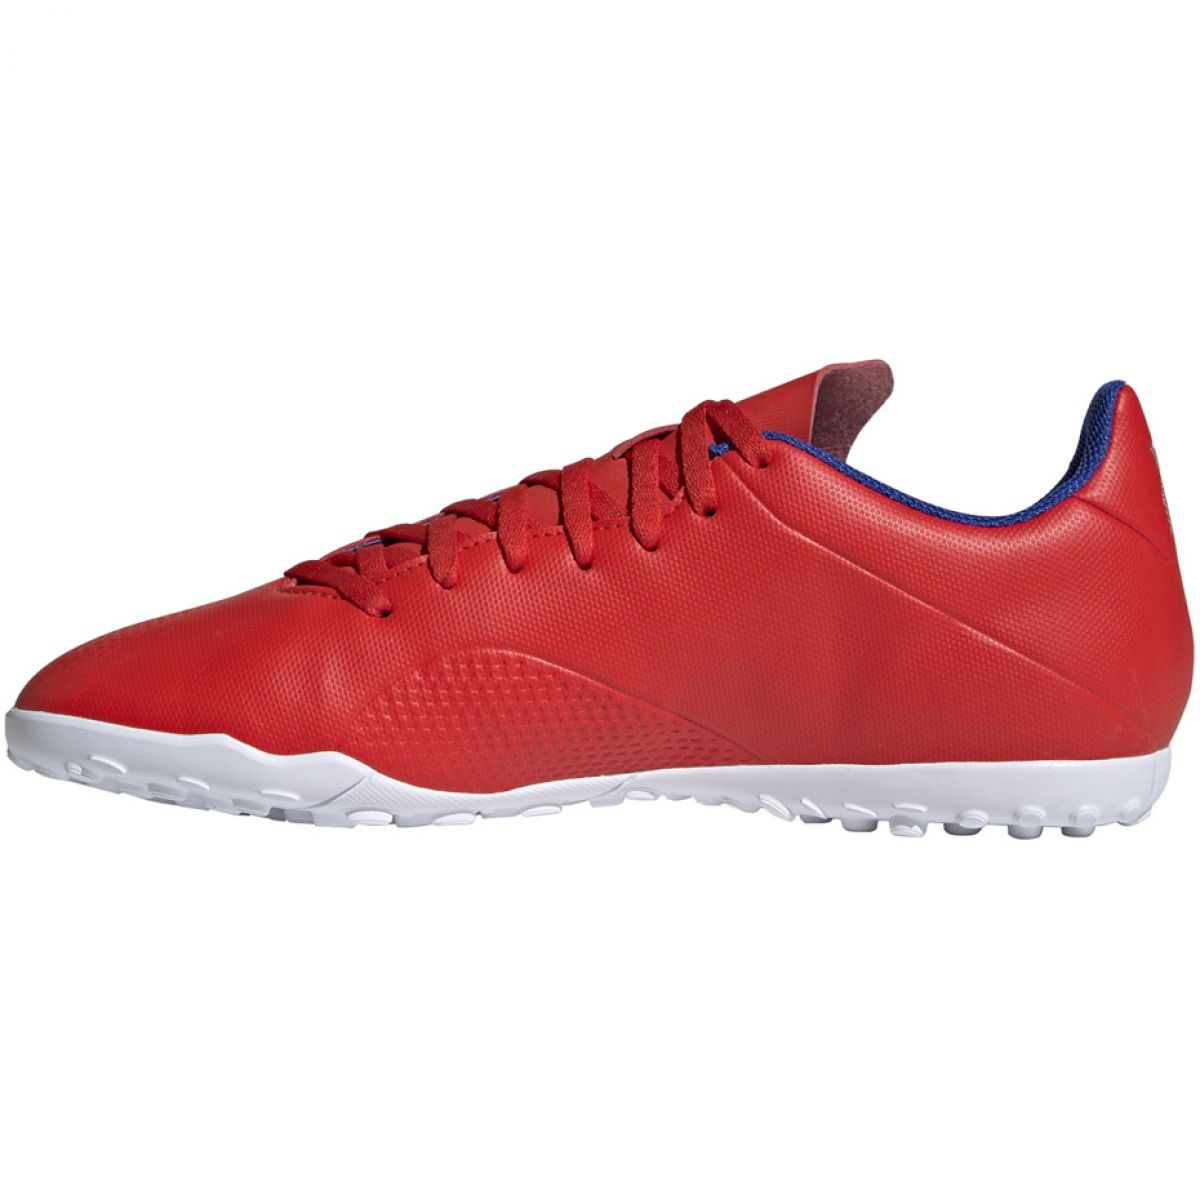 Sapatos de futebol adidas X 18.4 Tf M BB9413 vermelho